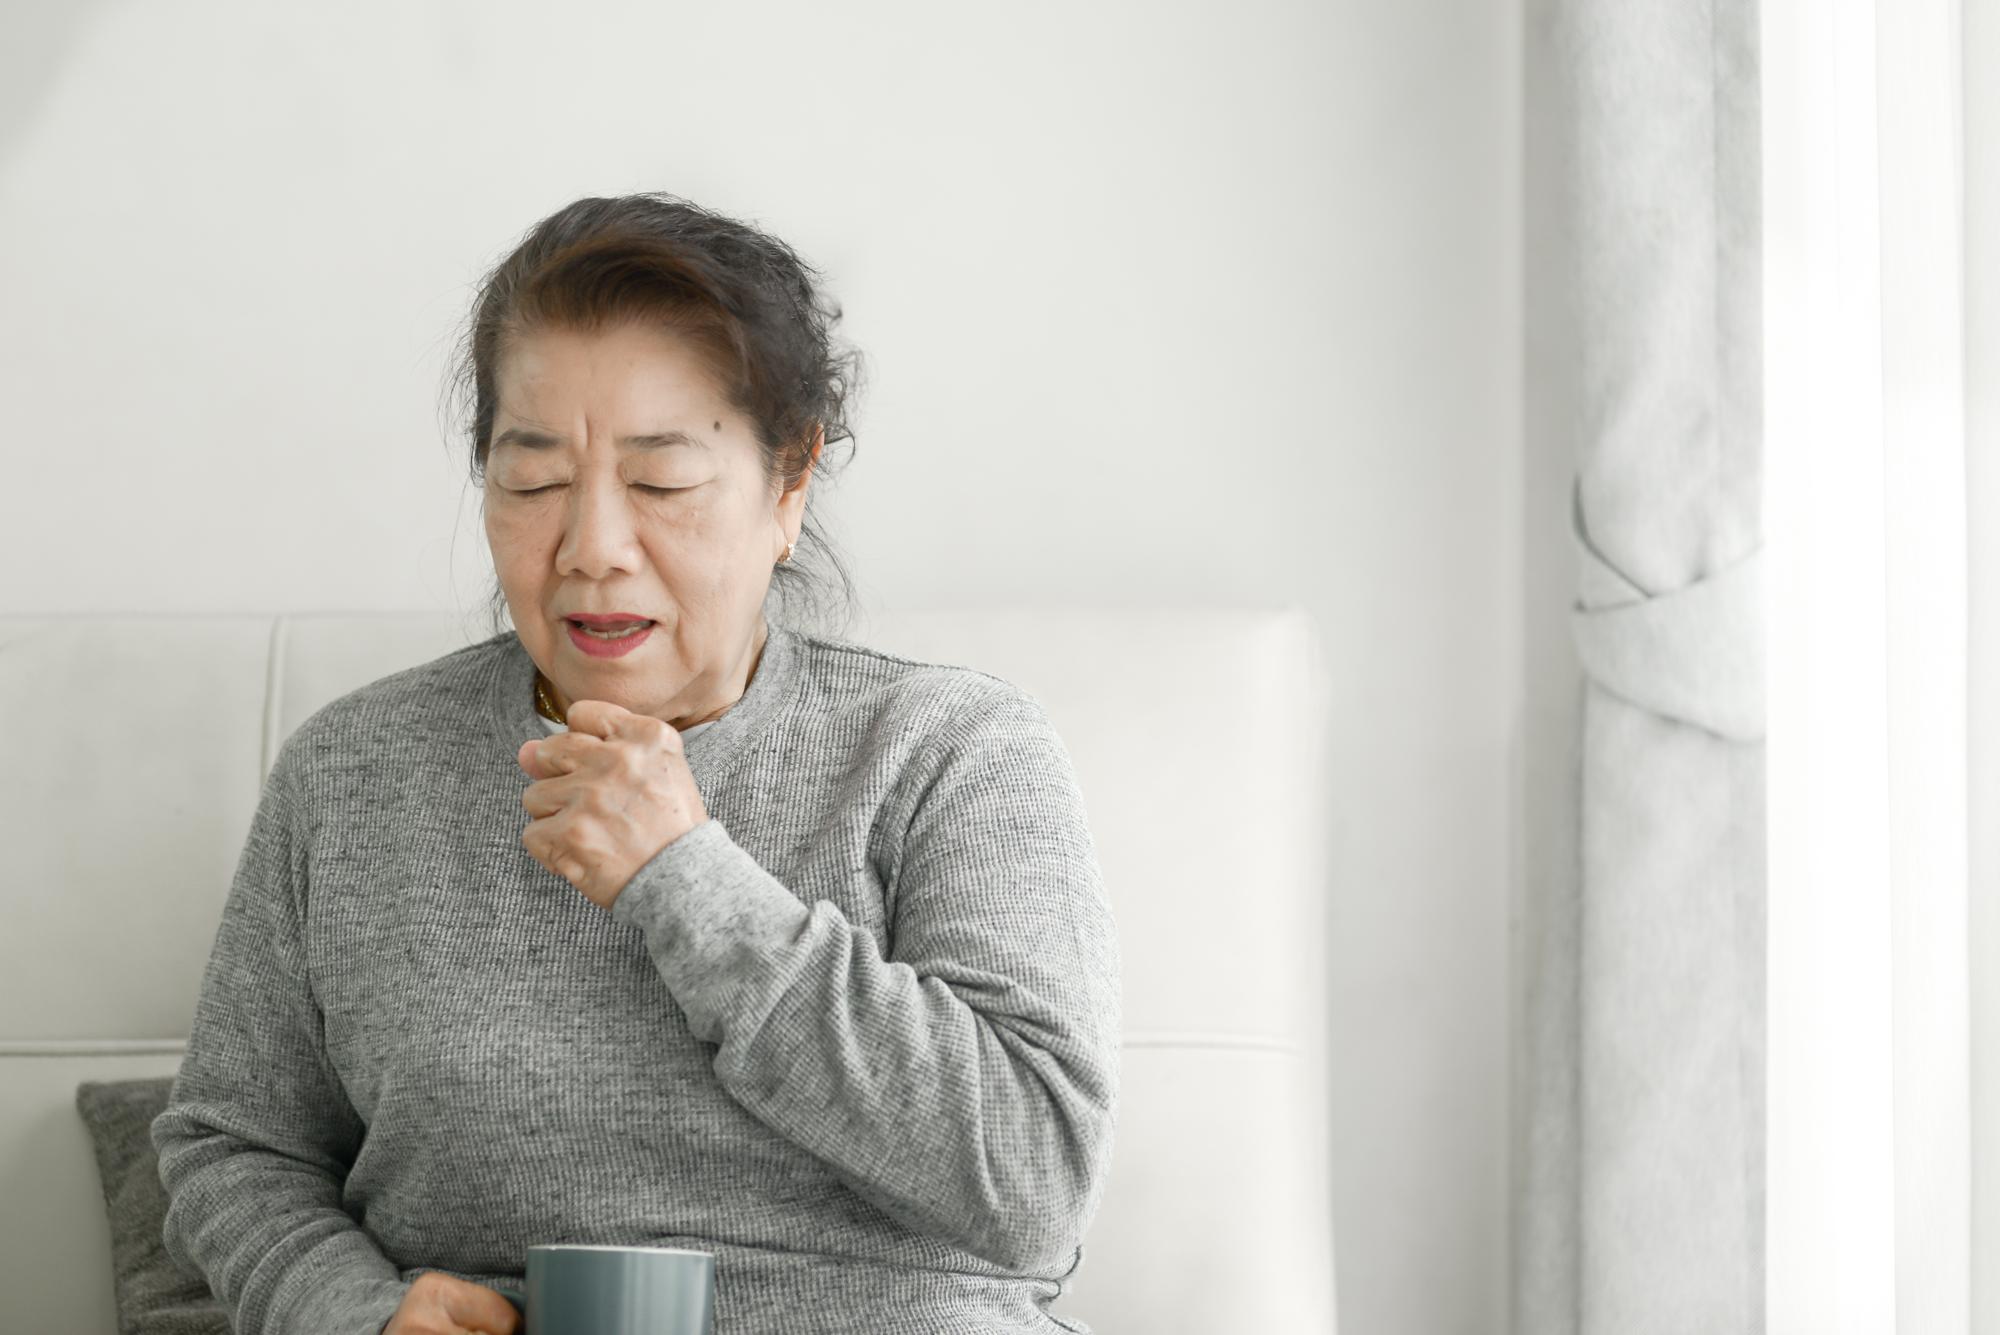 咳をする高齢者の女性